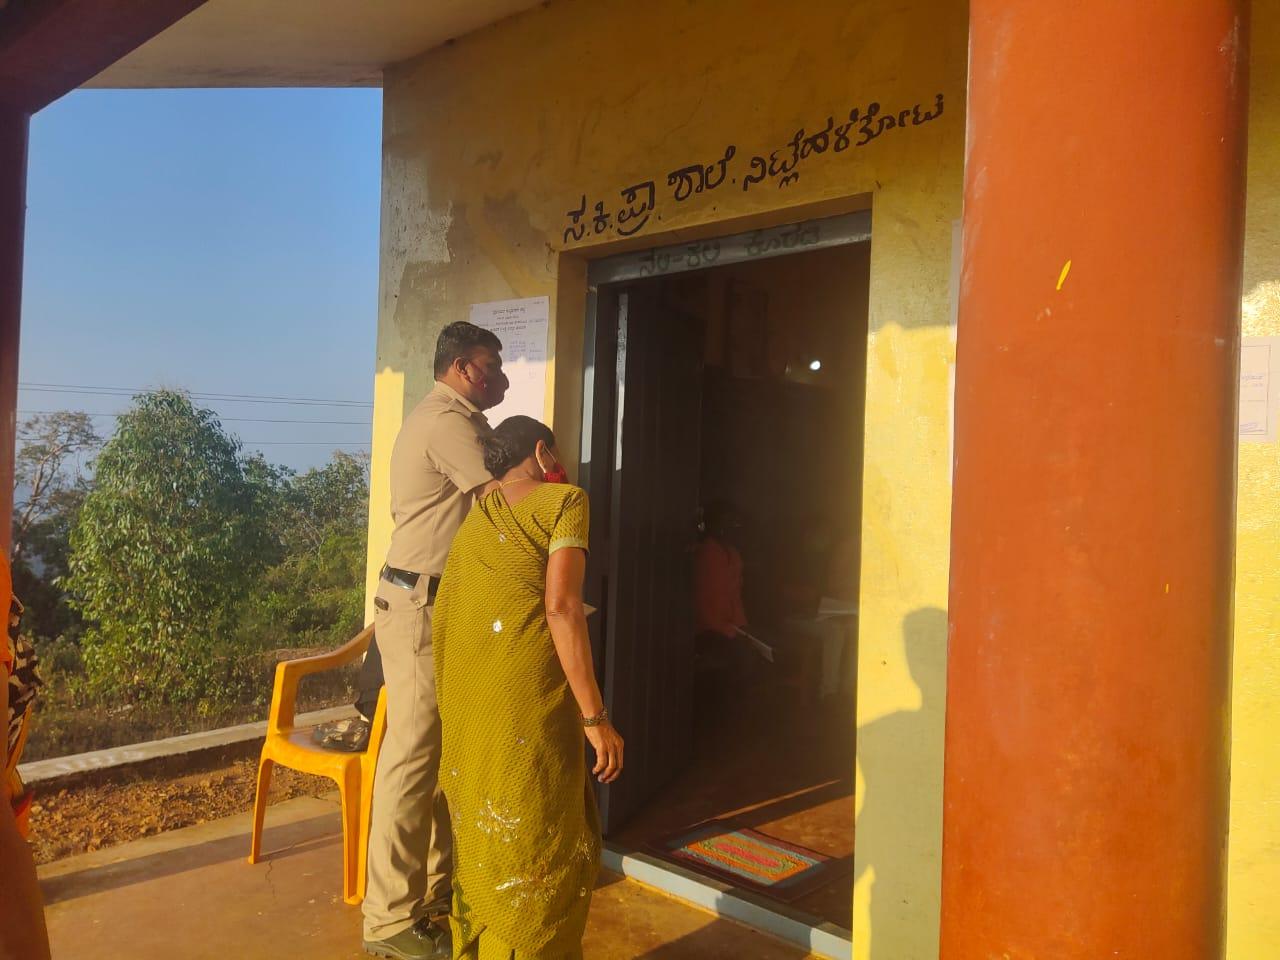 ఫోటోలు: కర్నాటకలో స్థానిక సంస్థల ఎన్నికలు 2020